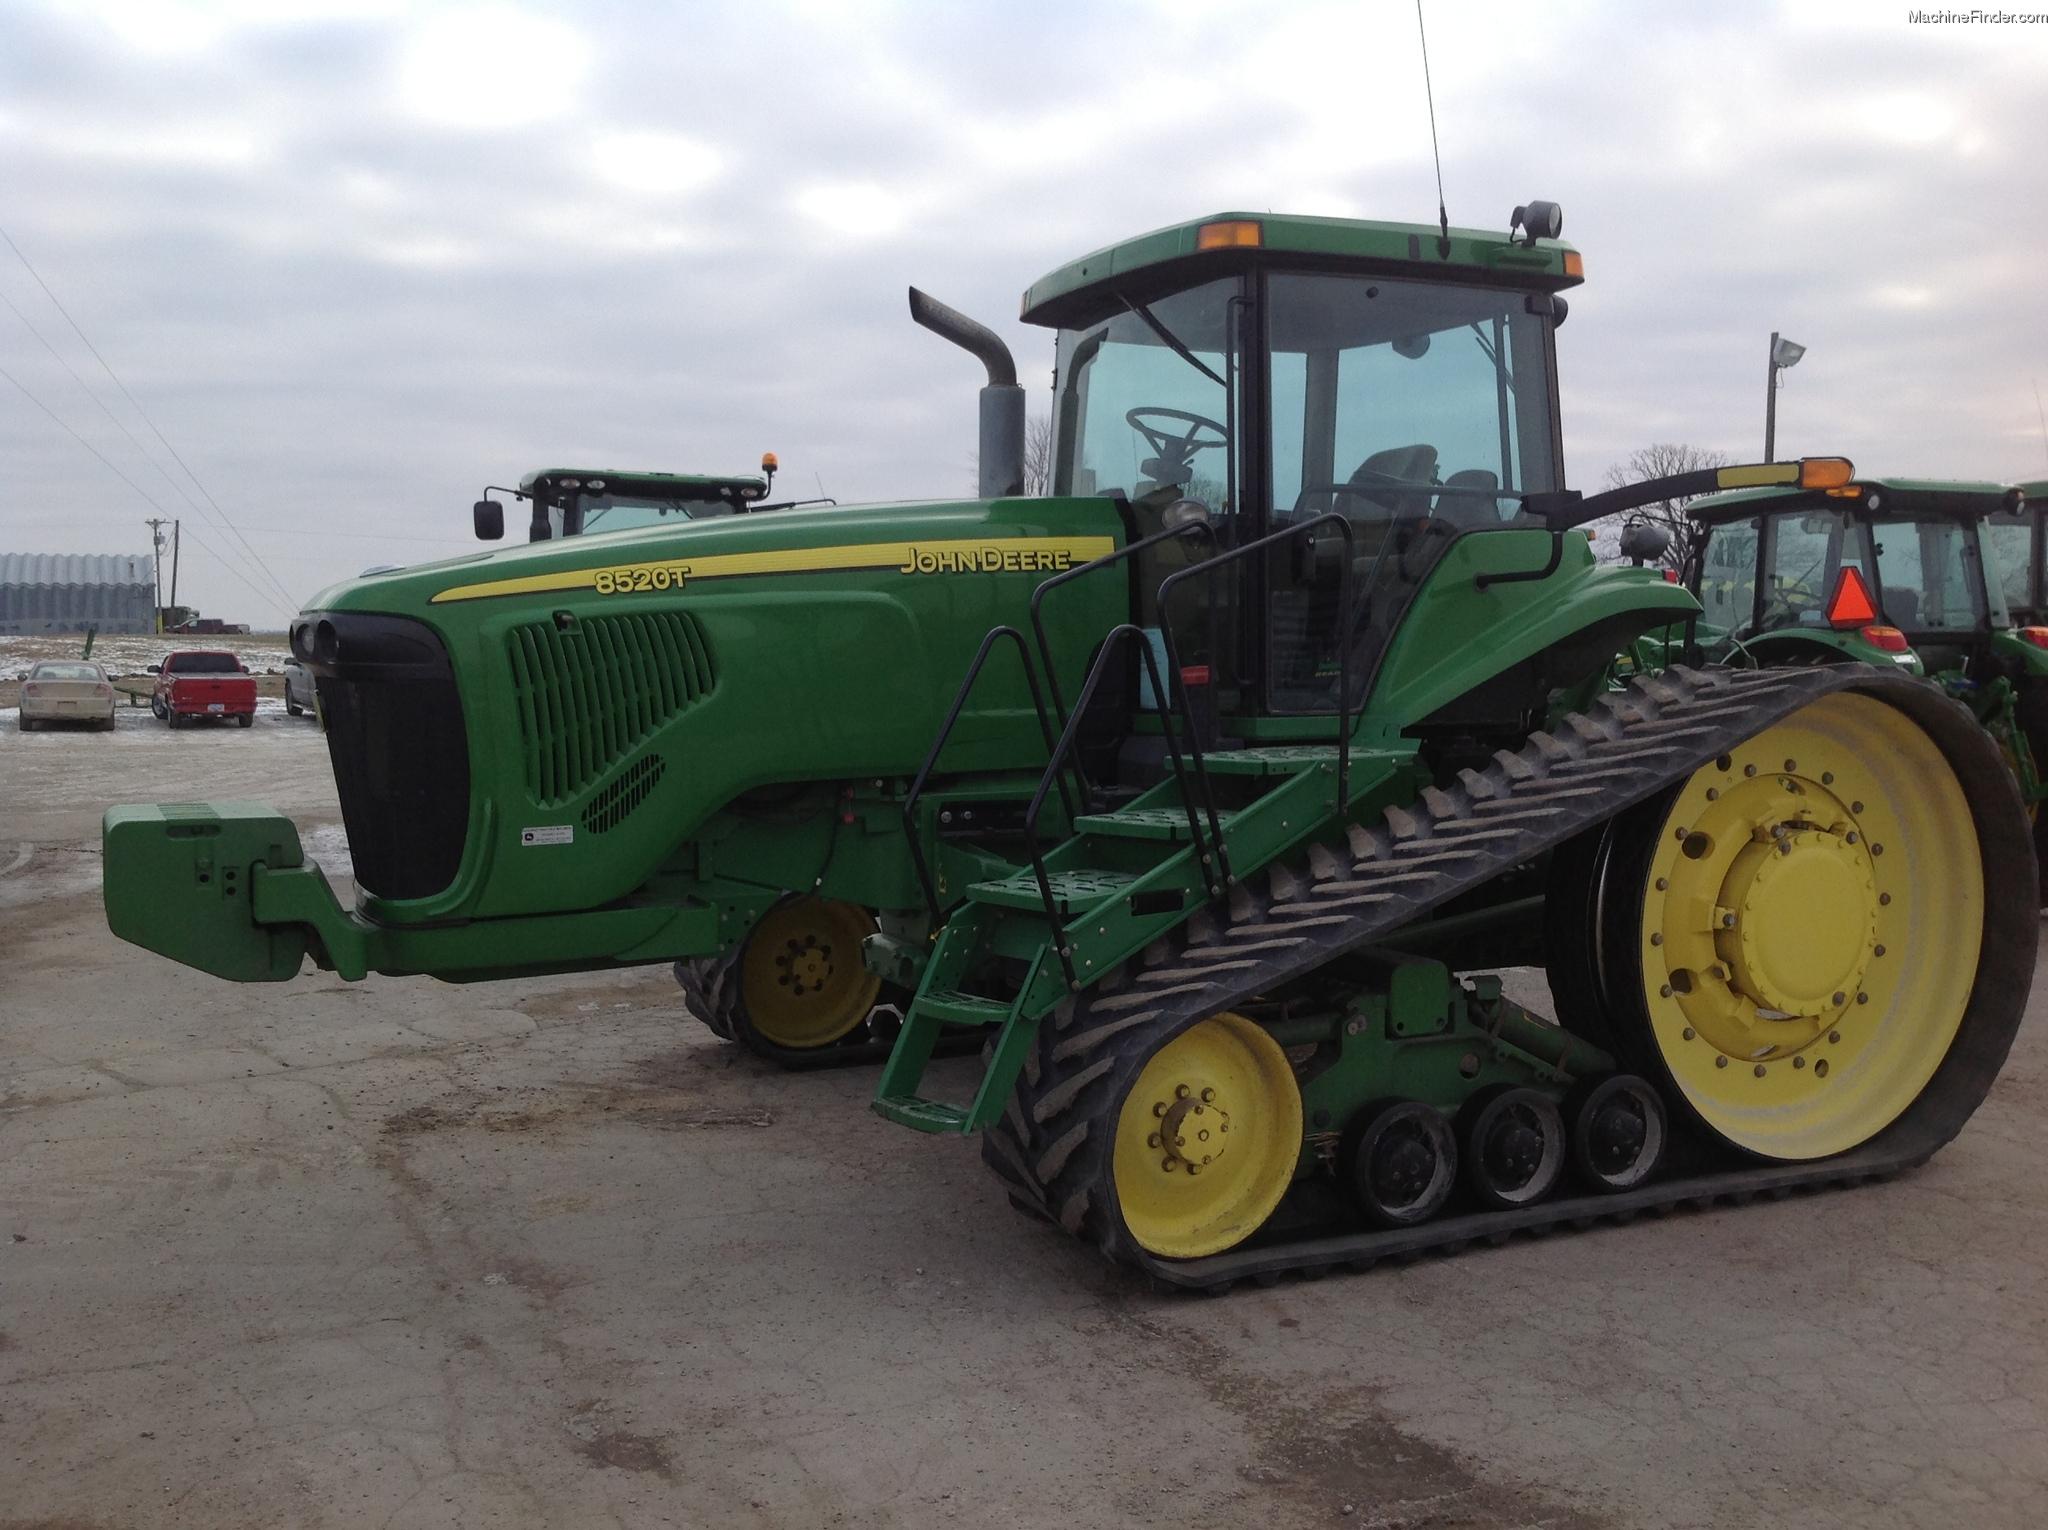 2002 John Deere 8520T Tractors - Row Crop (+100hp) - John ...